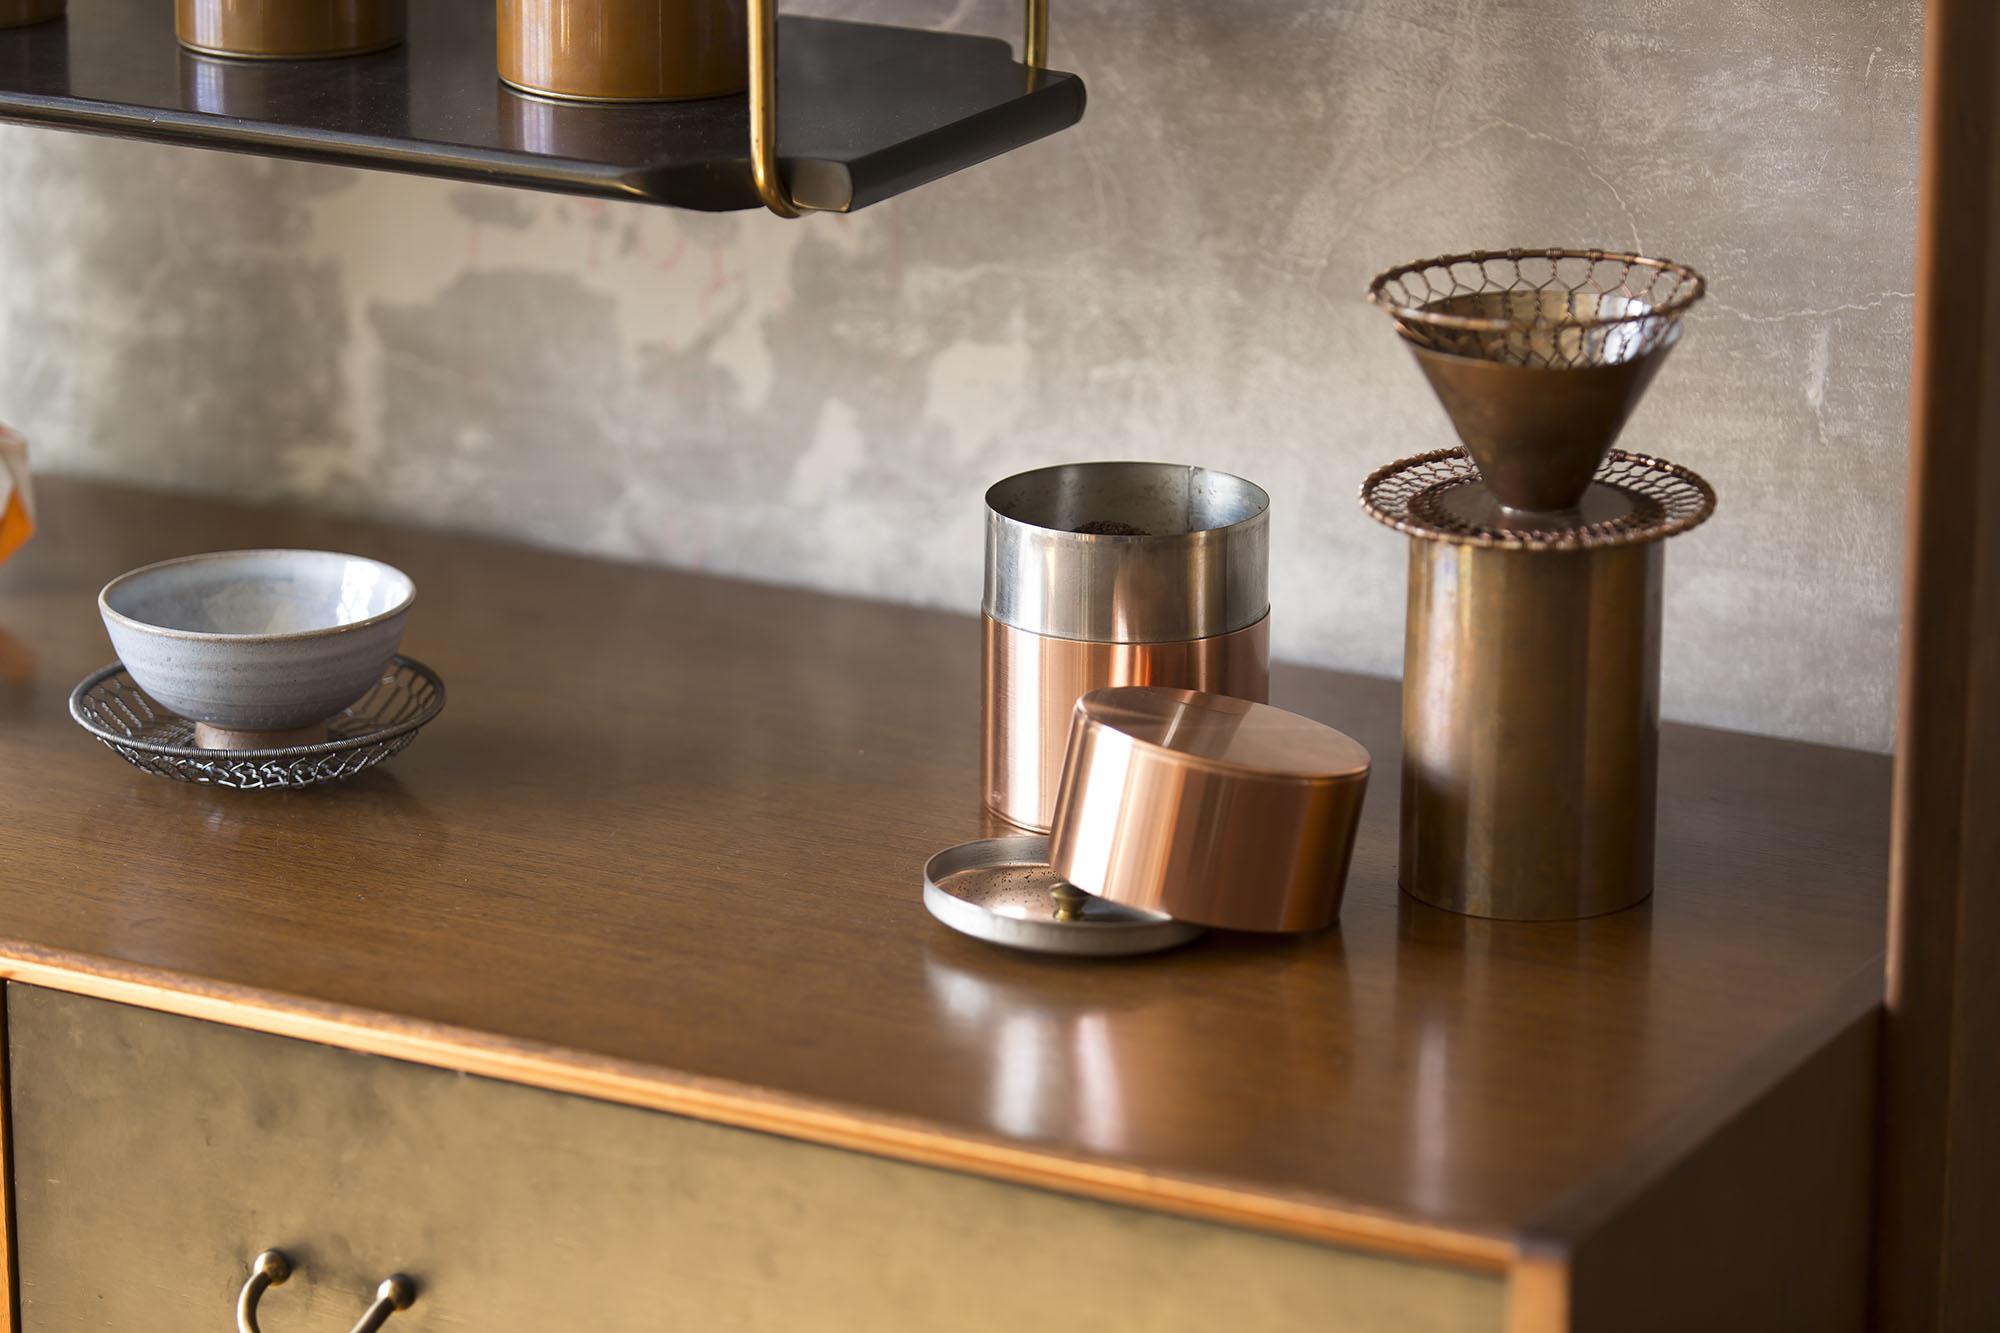 開化堂カフェで使われている珈琲缶などのアイテム